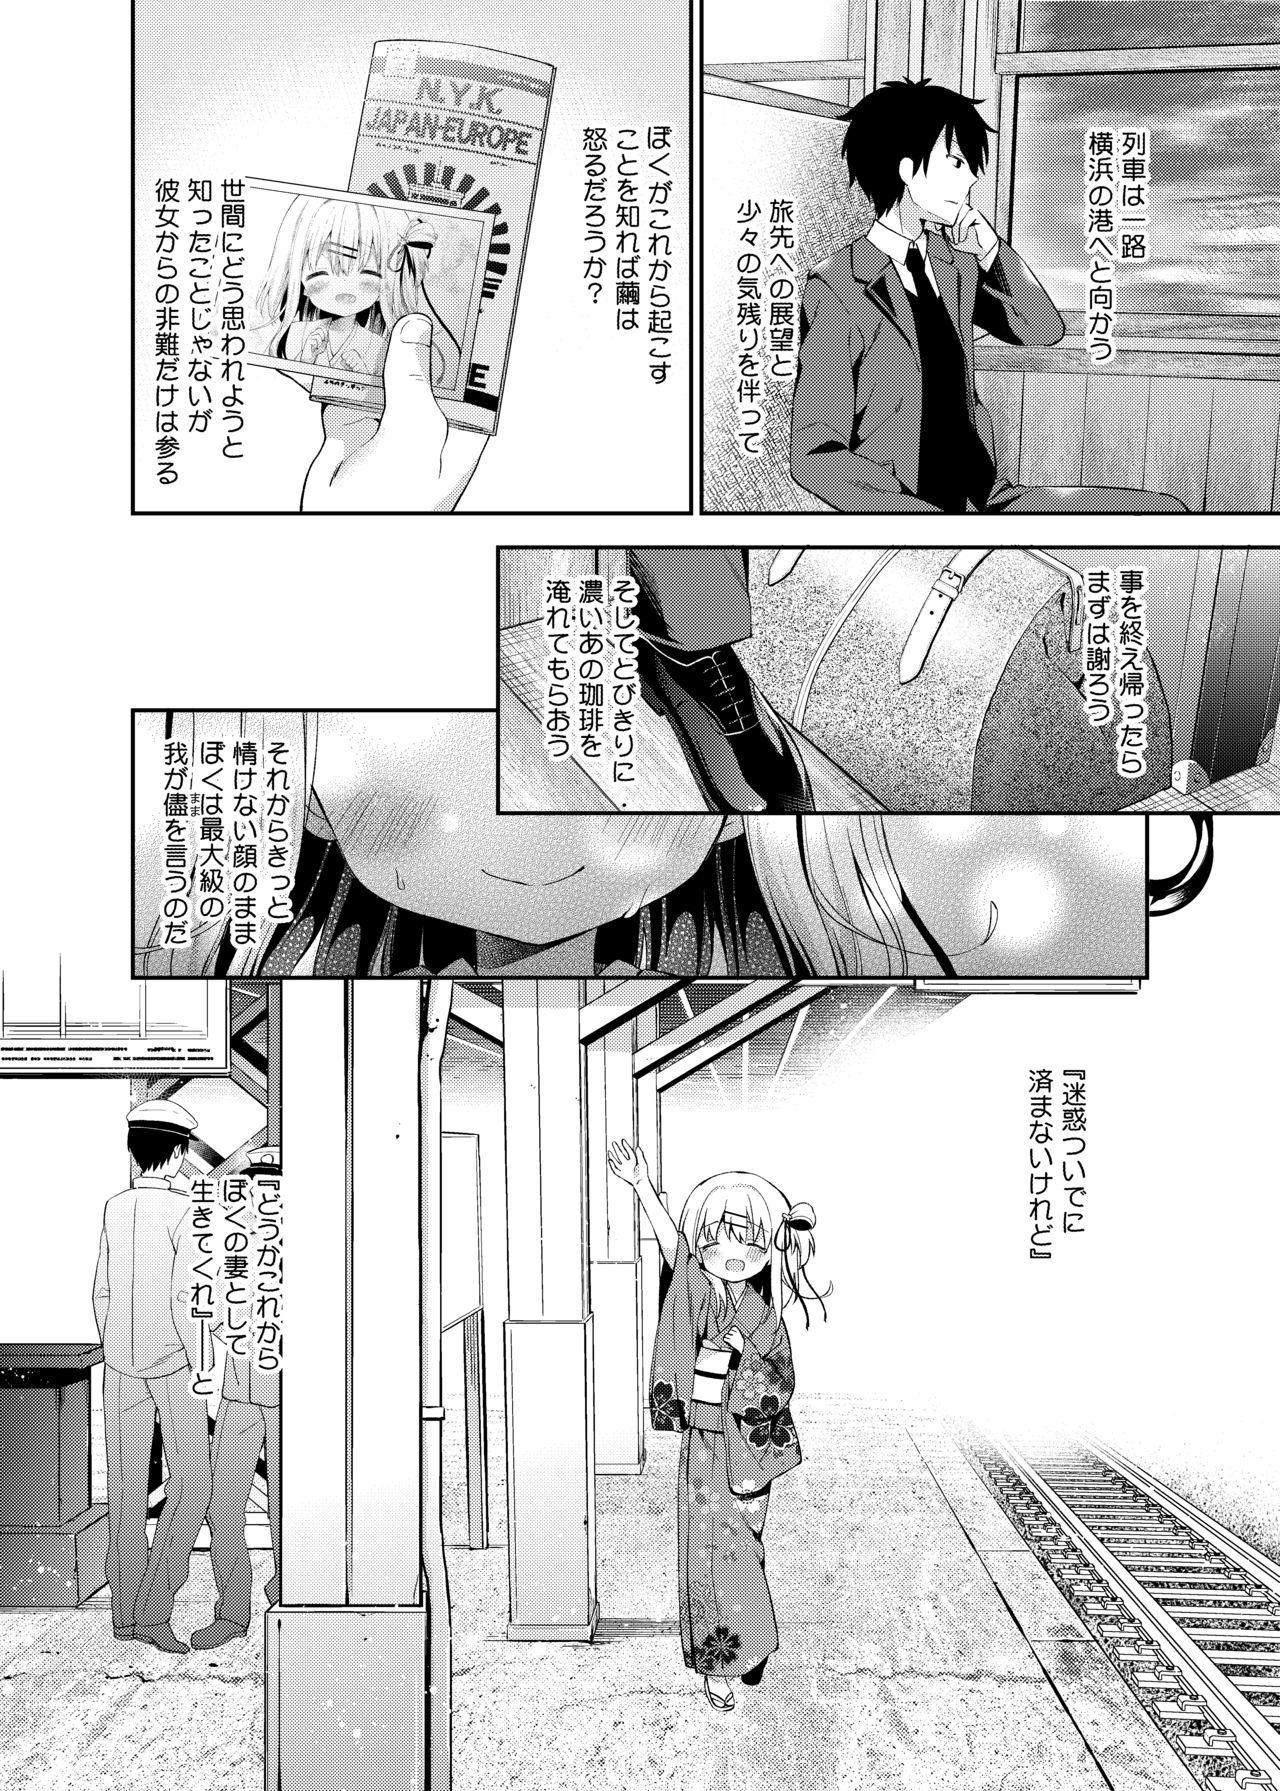 Onnanoko no Mayu Soushuuhen 01 151